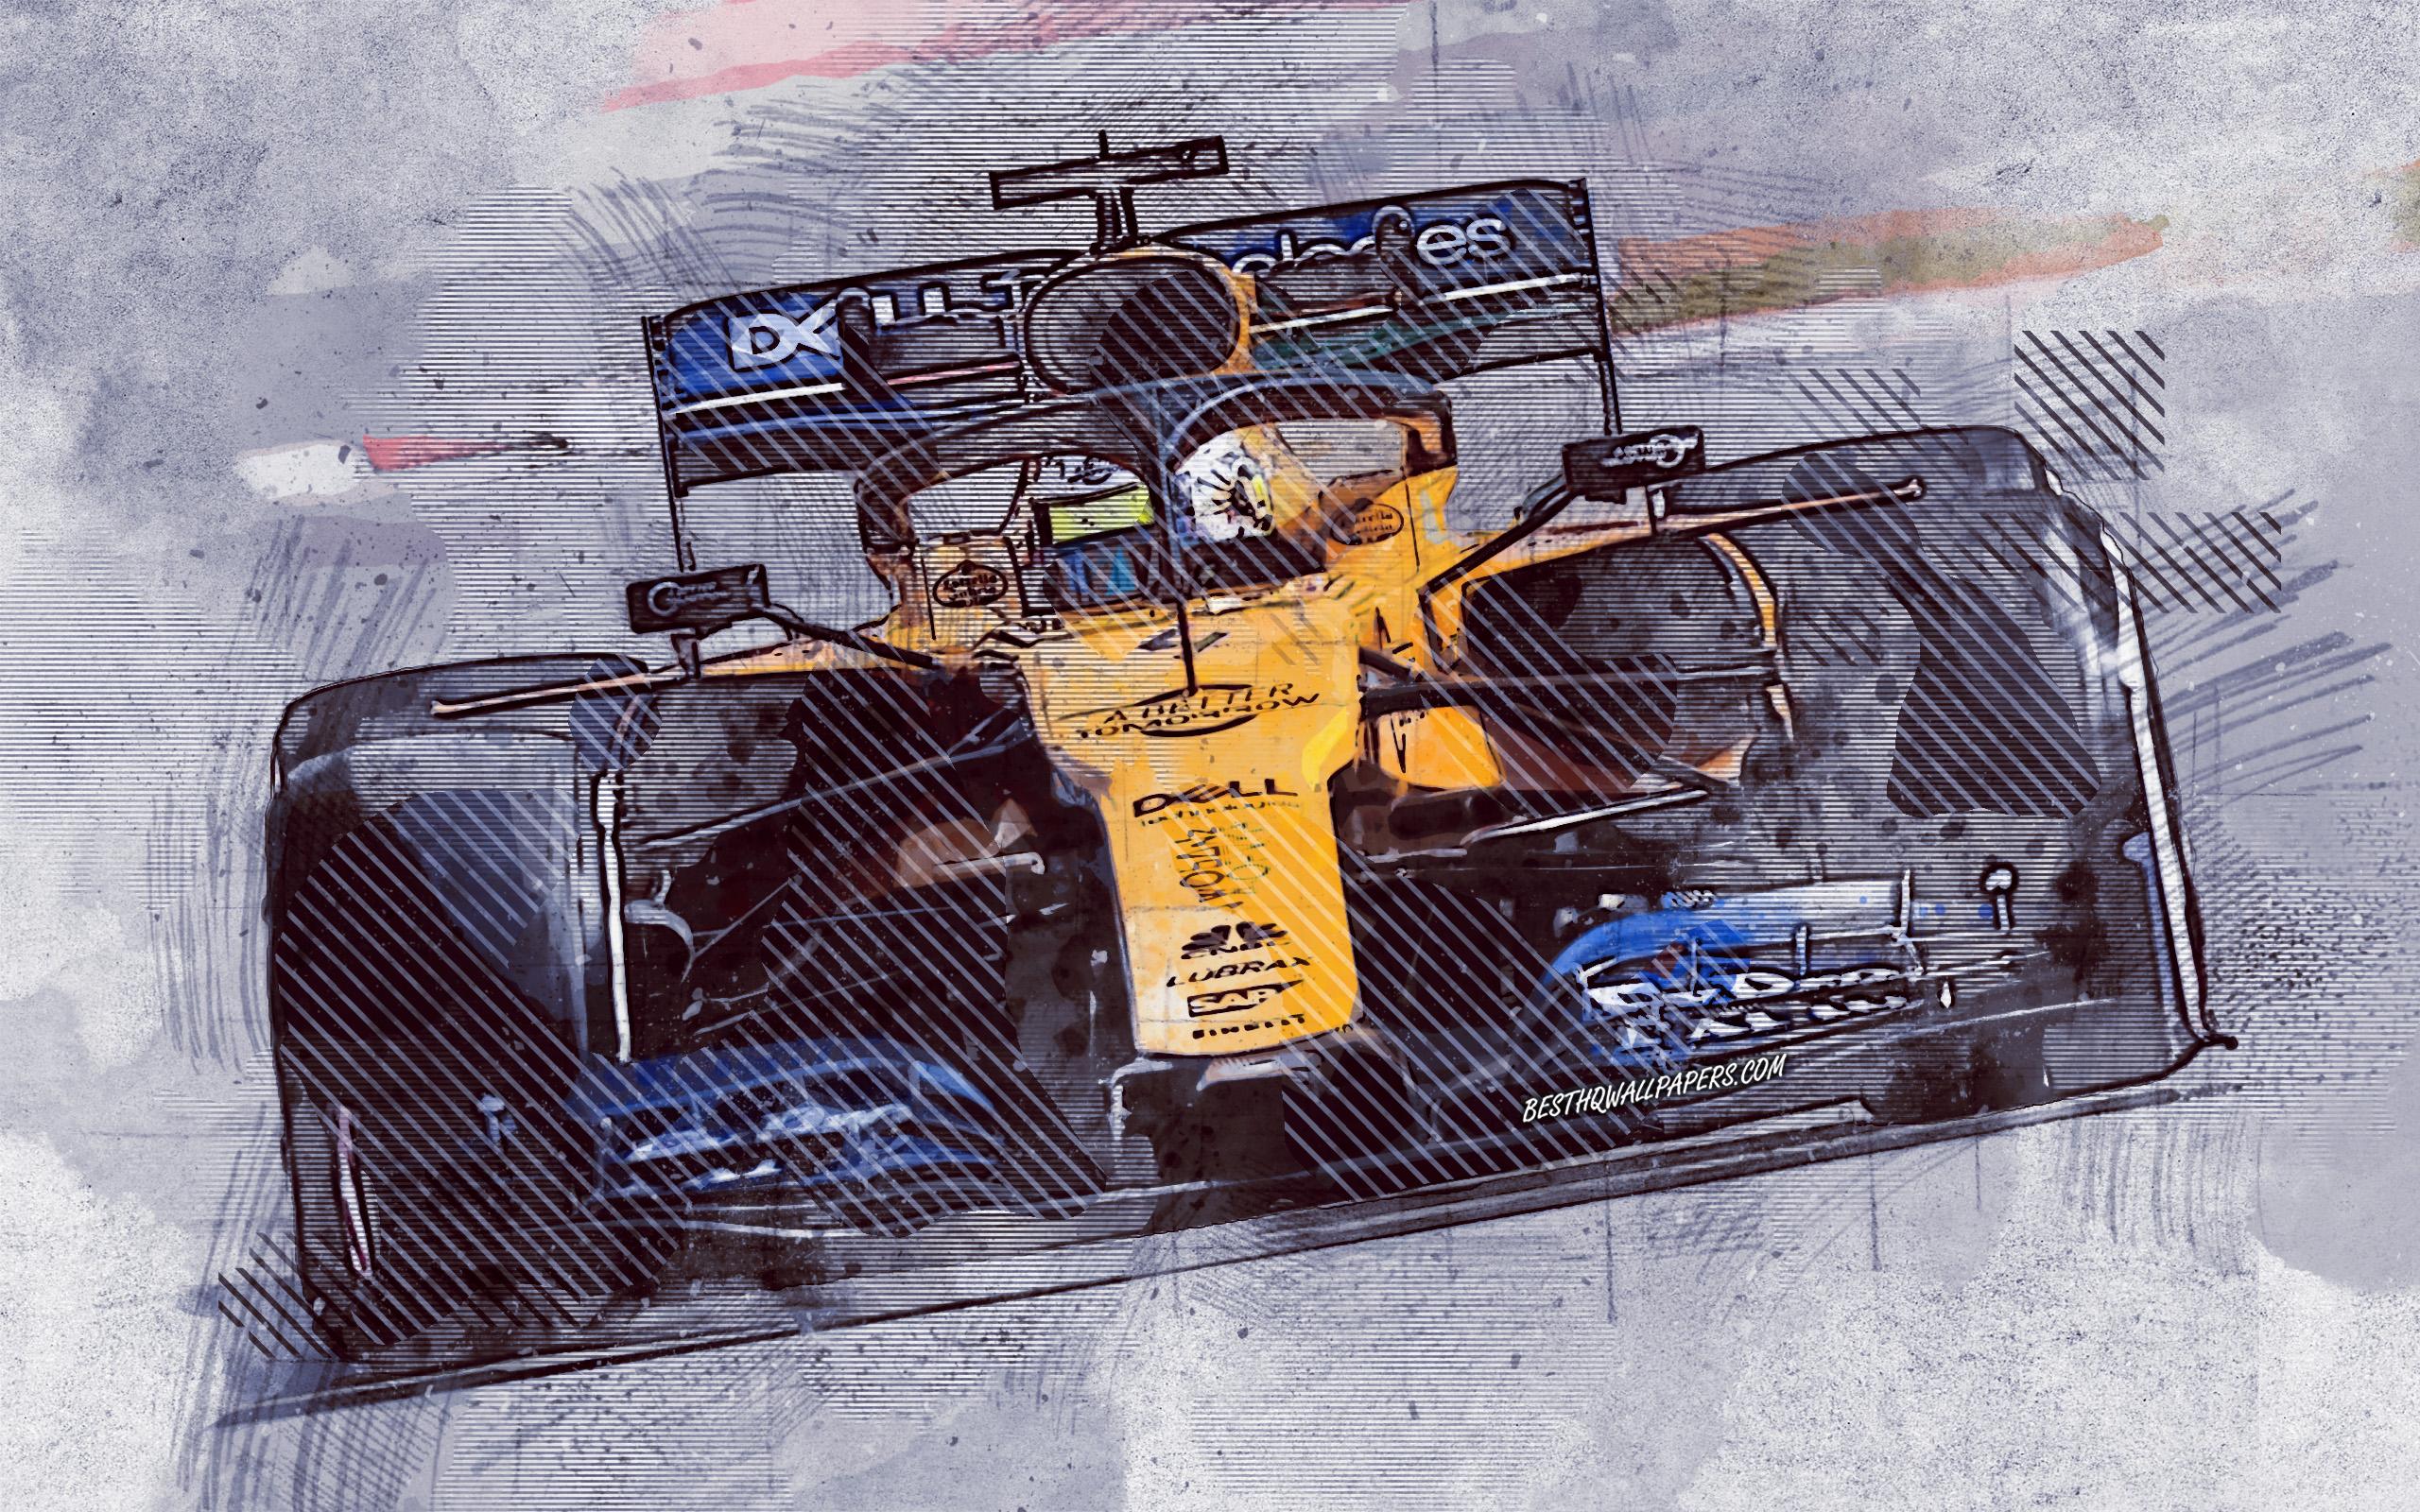 Download wallpapers Lando Norris McLaren F1 Team Formula 1 2560x1600